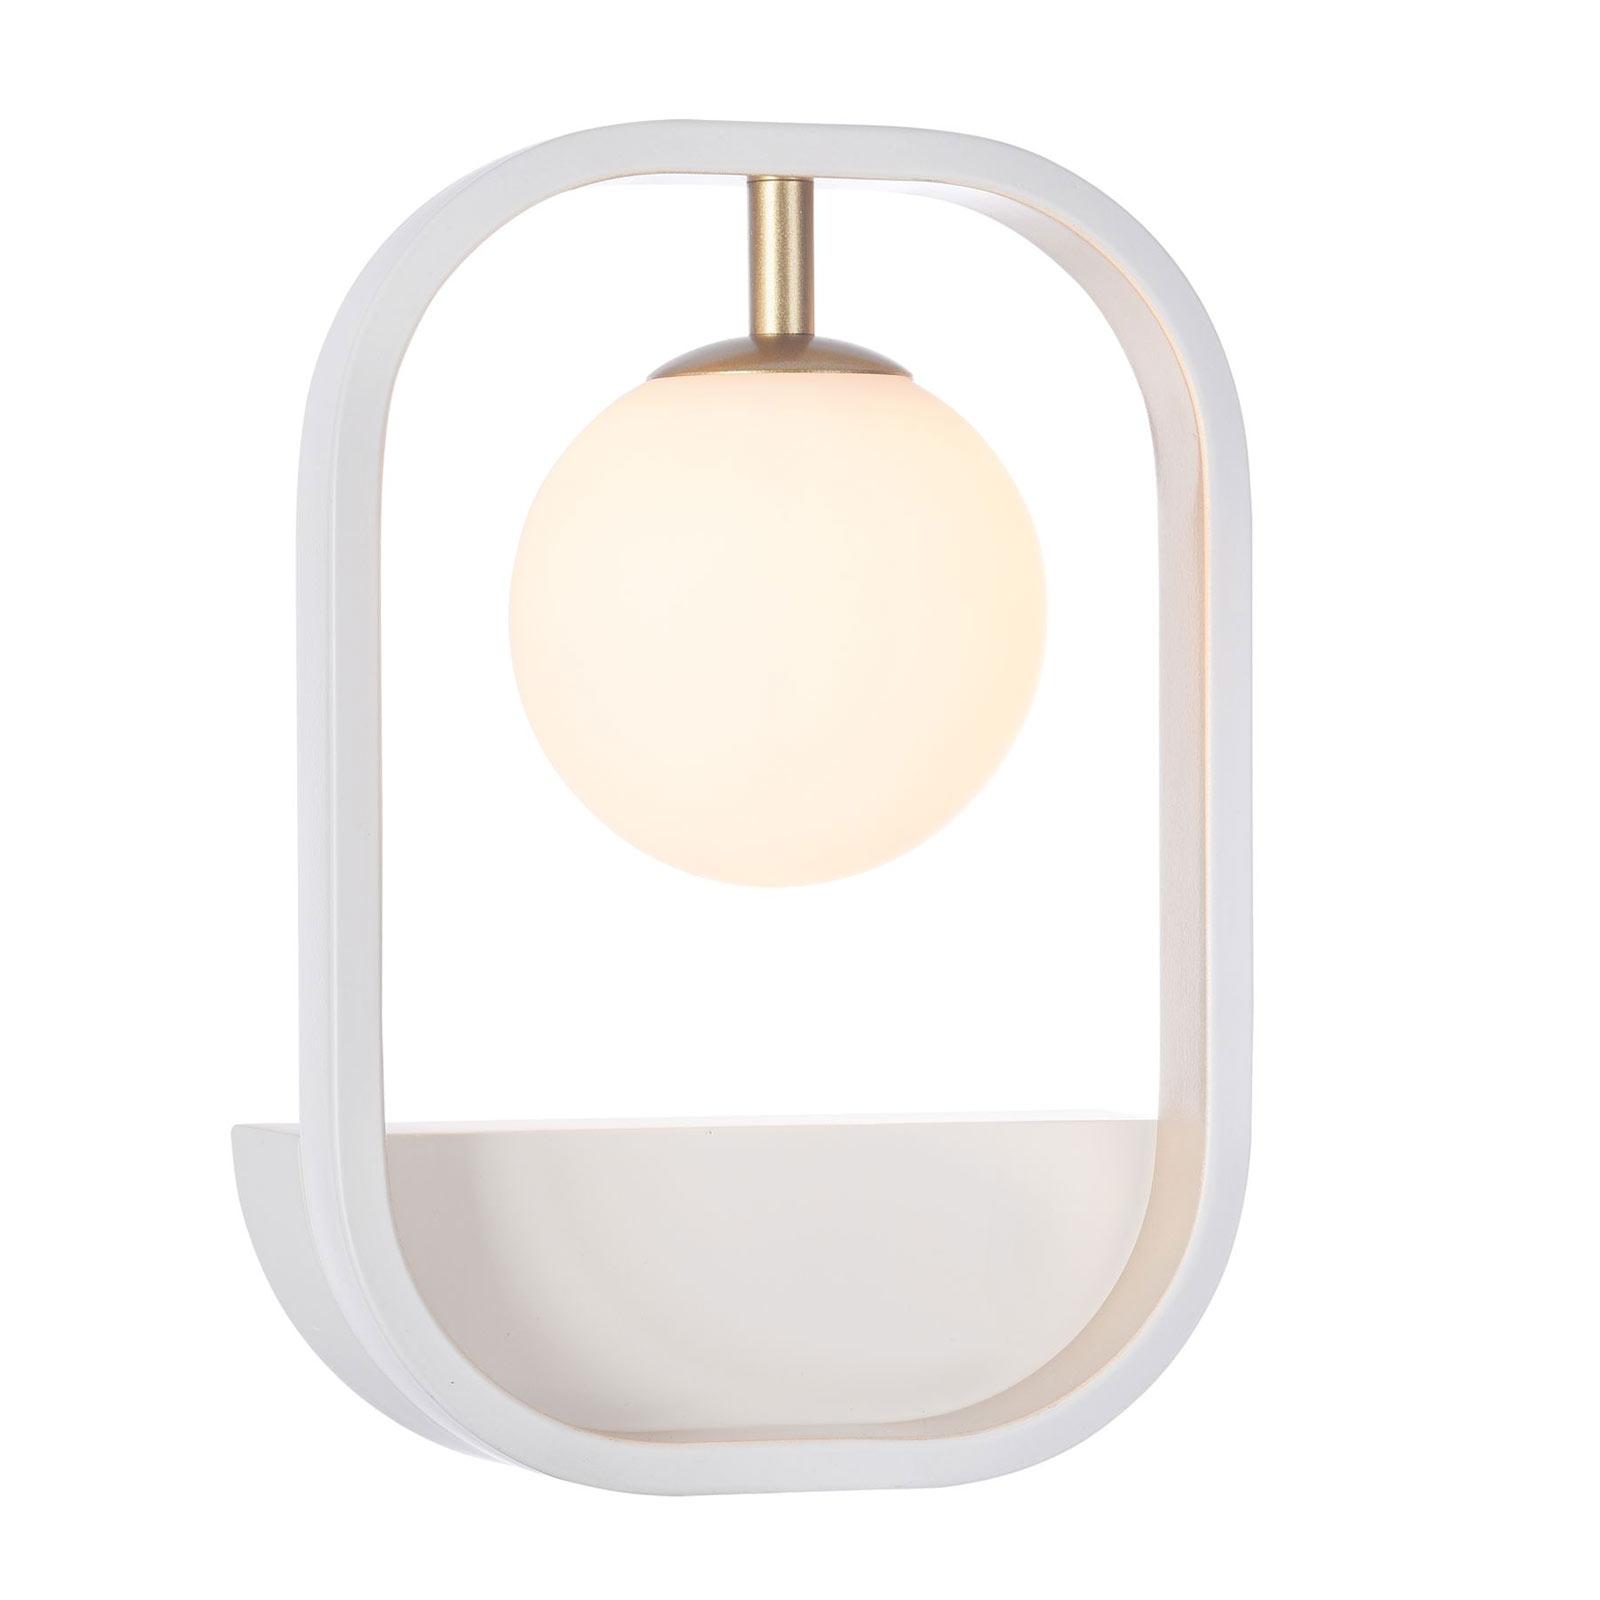 Wandlamp Avola met glasbol